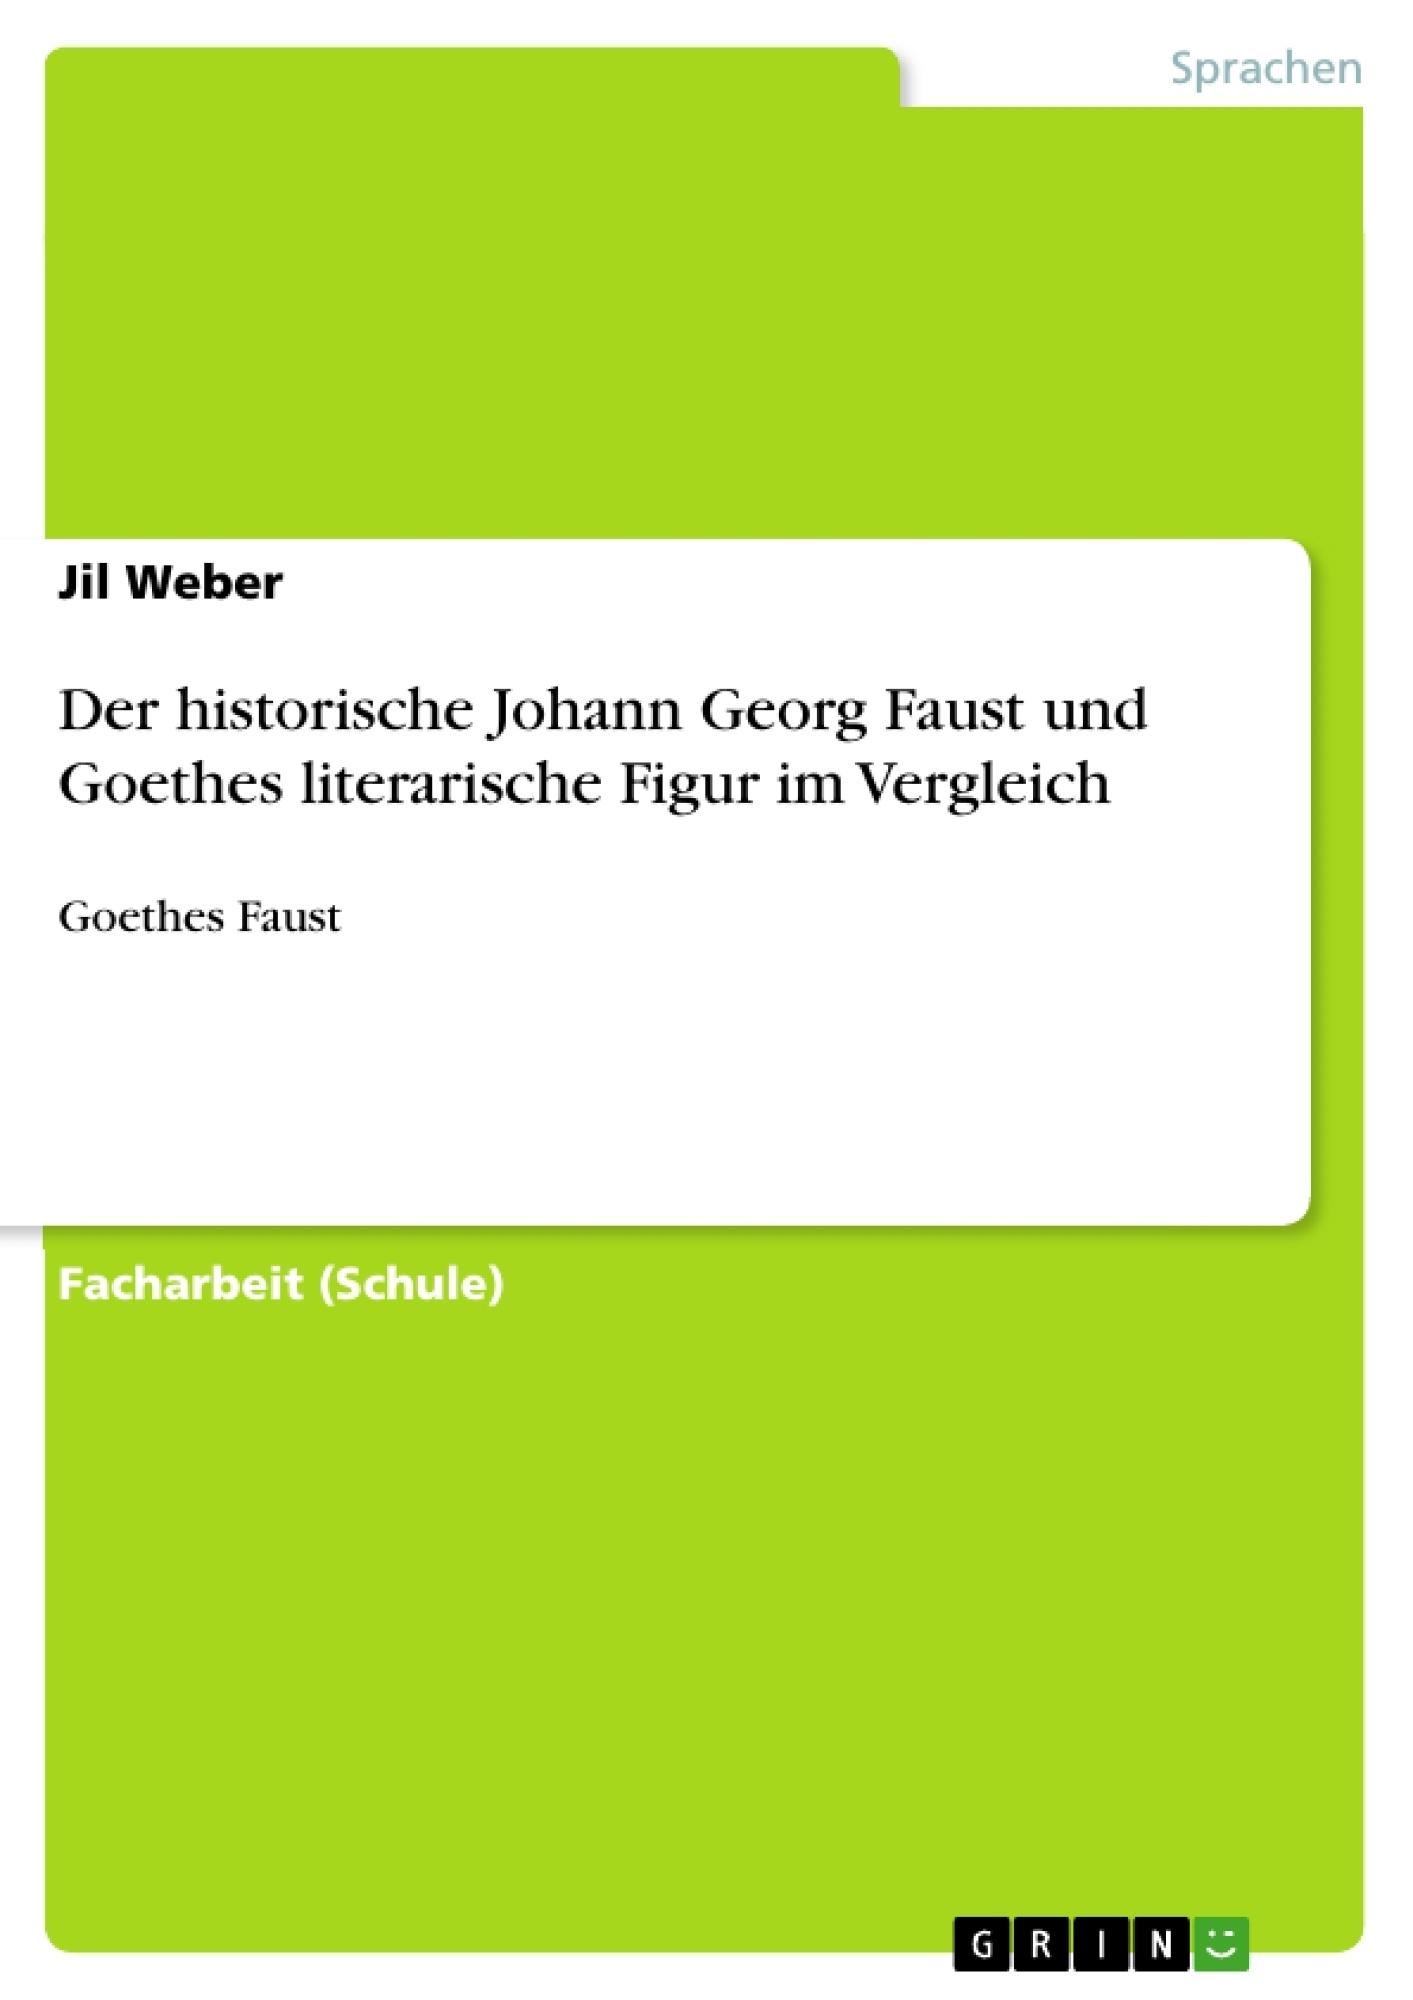 Titel: Der historische Johann Georg Faust  und Goethes literarische Figur  im Vergleich